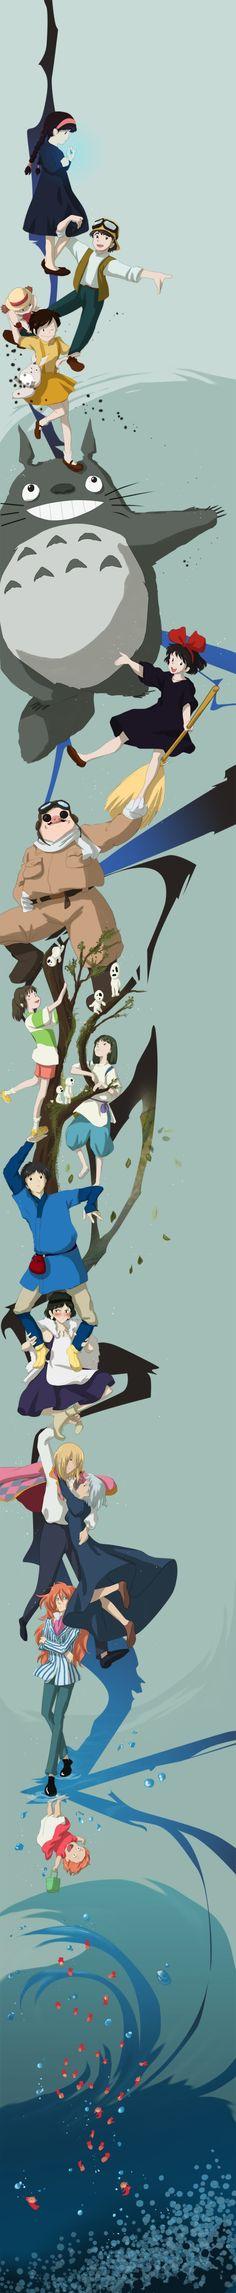 Miyazaki.